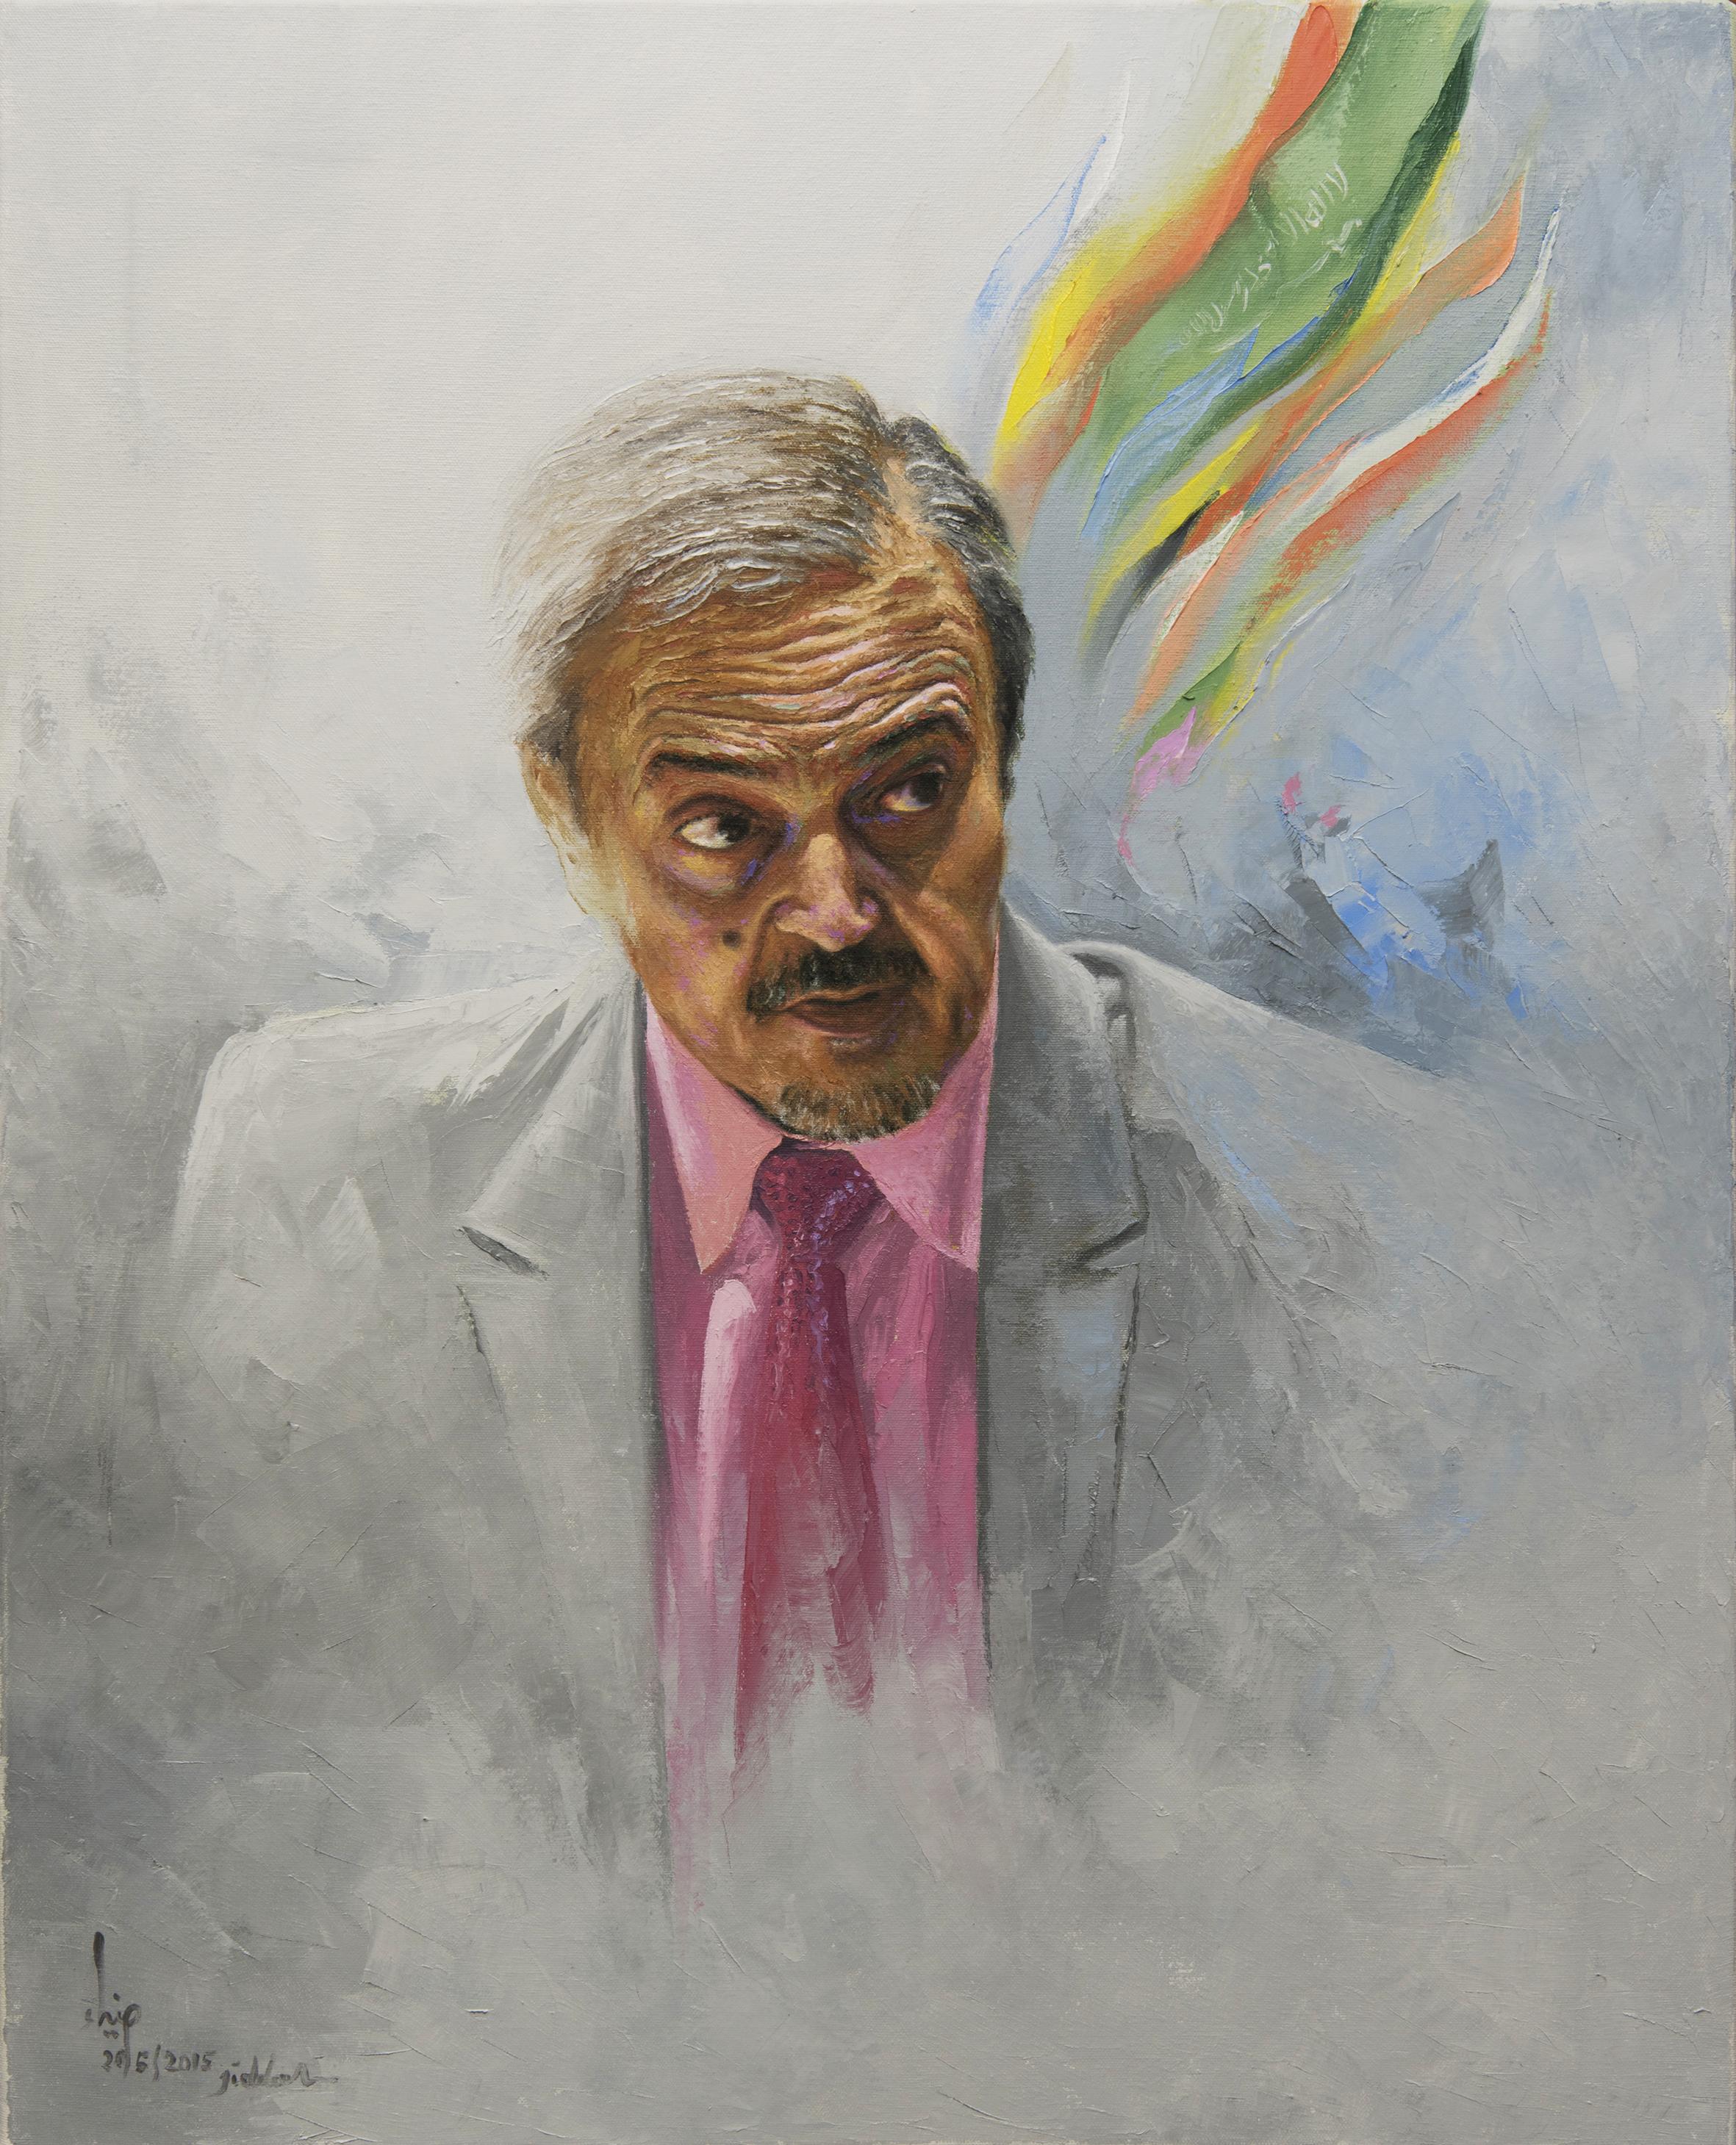 202 - Prince Saud Alfaisal